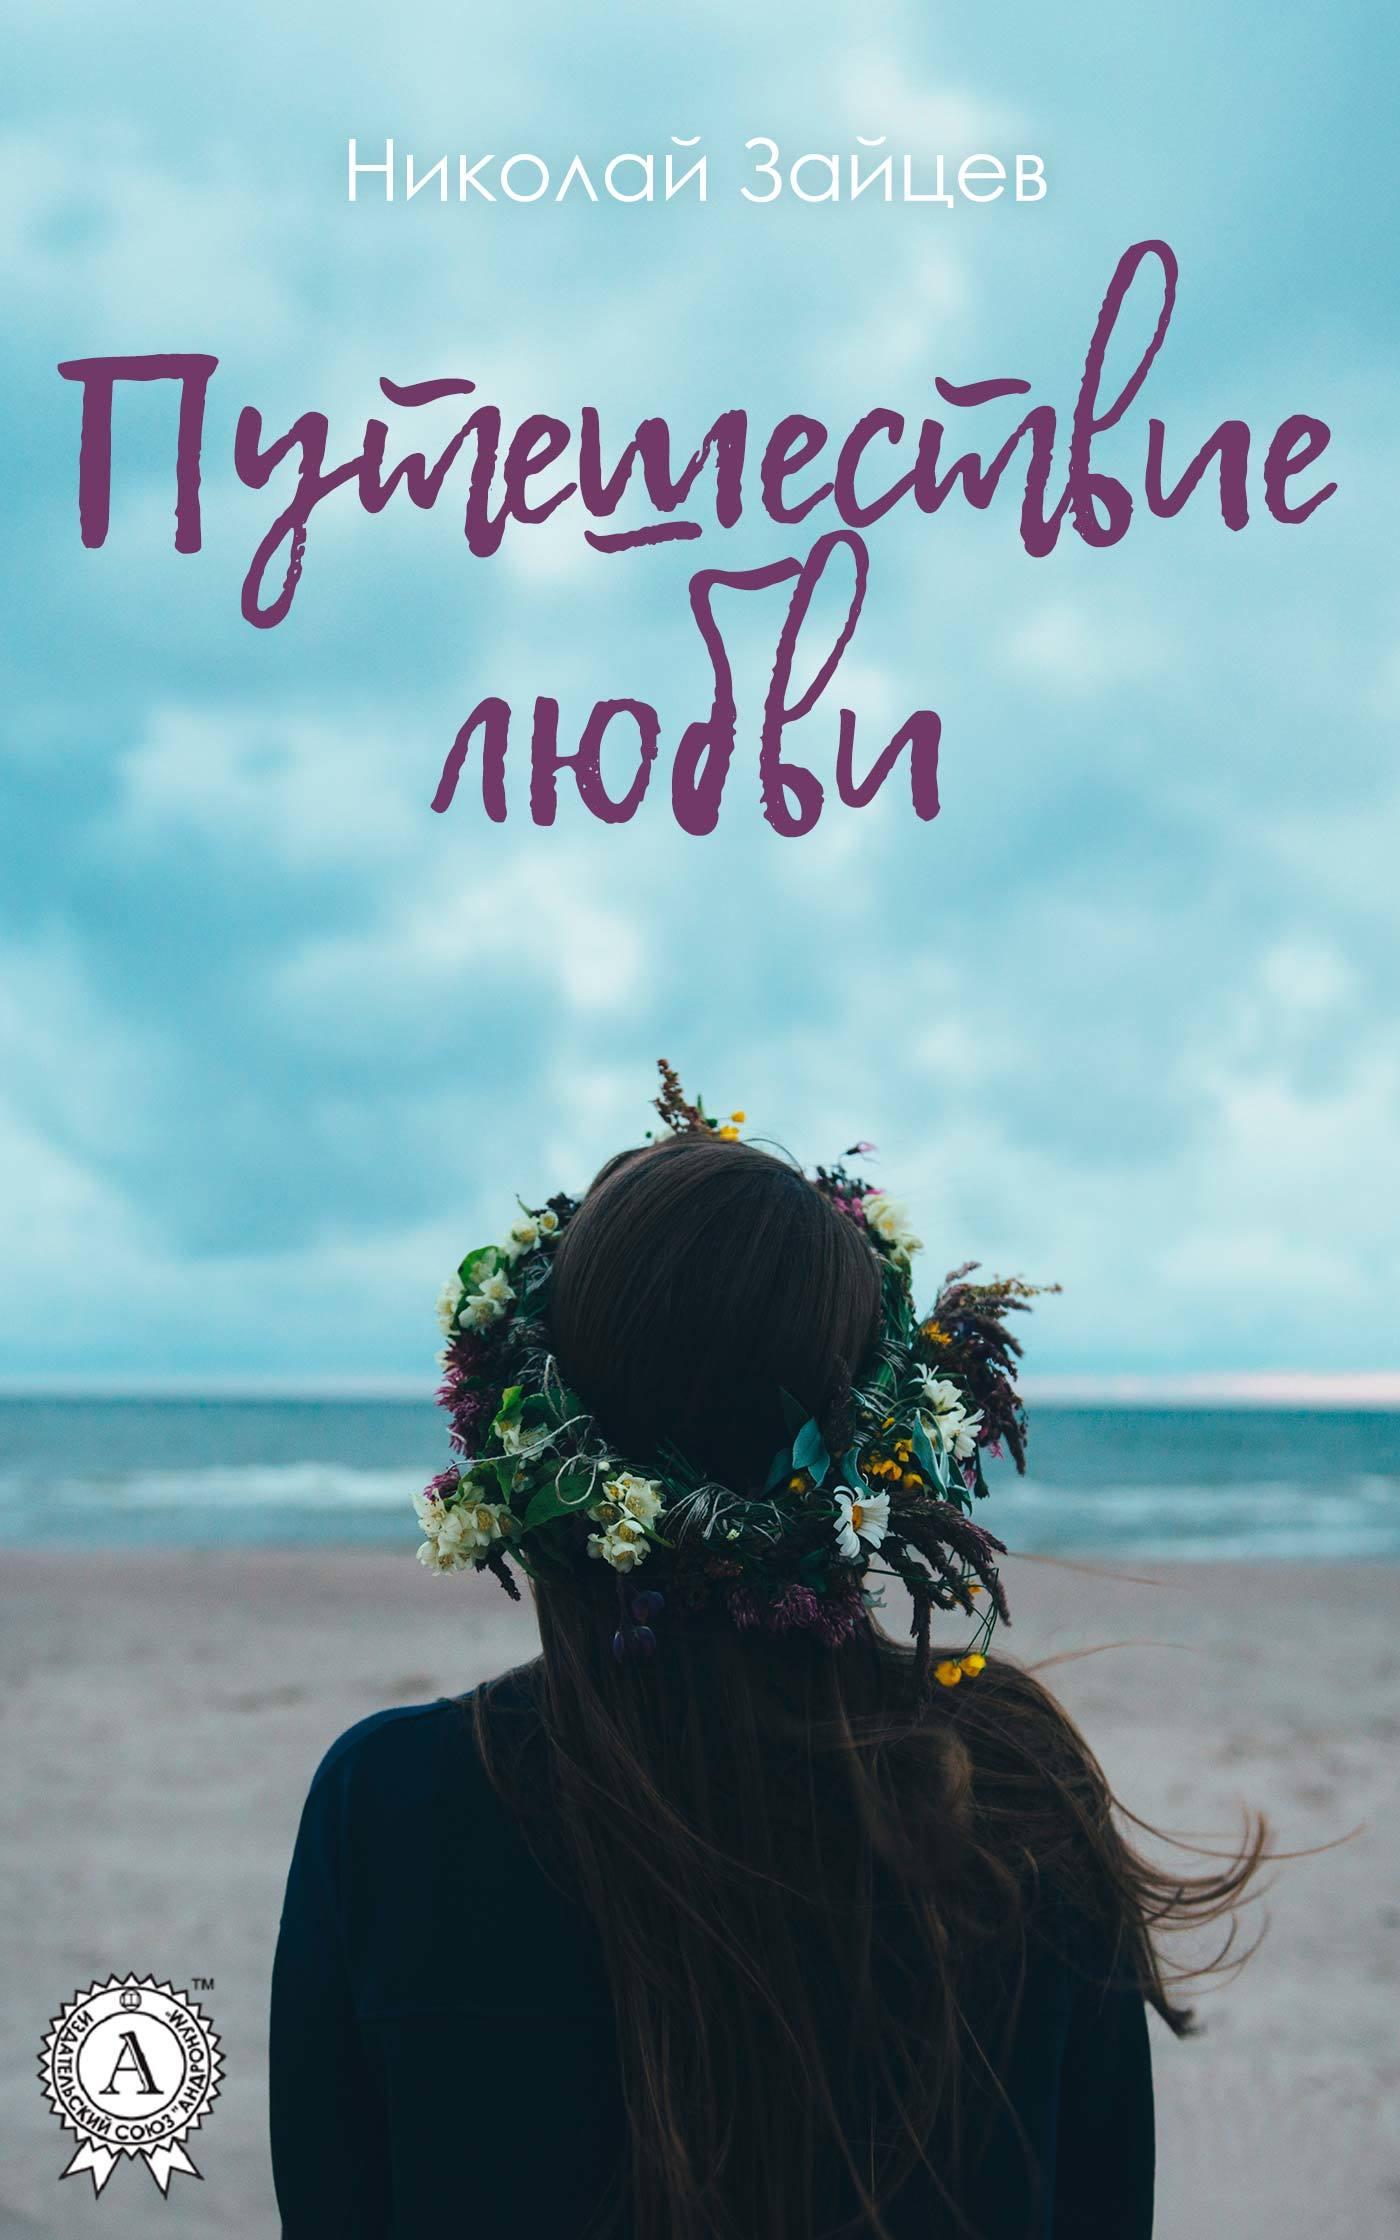 Николай Зайцев - Путешествие любви